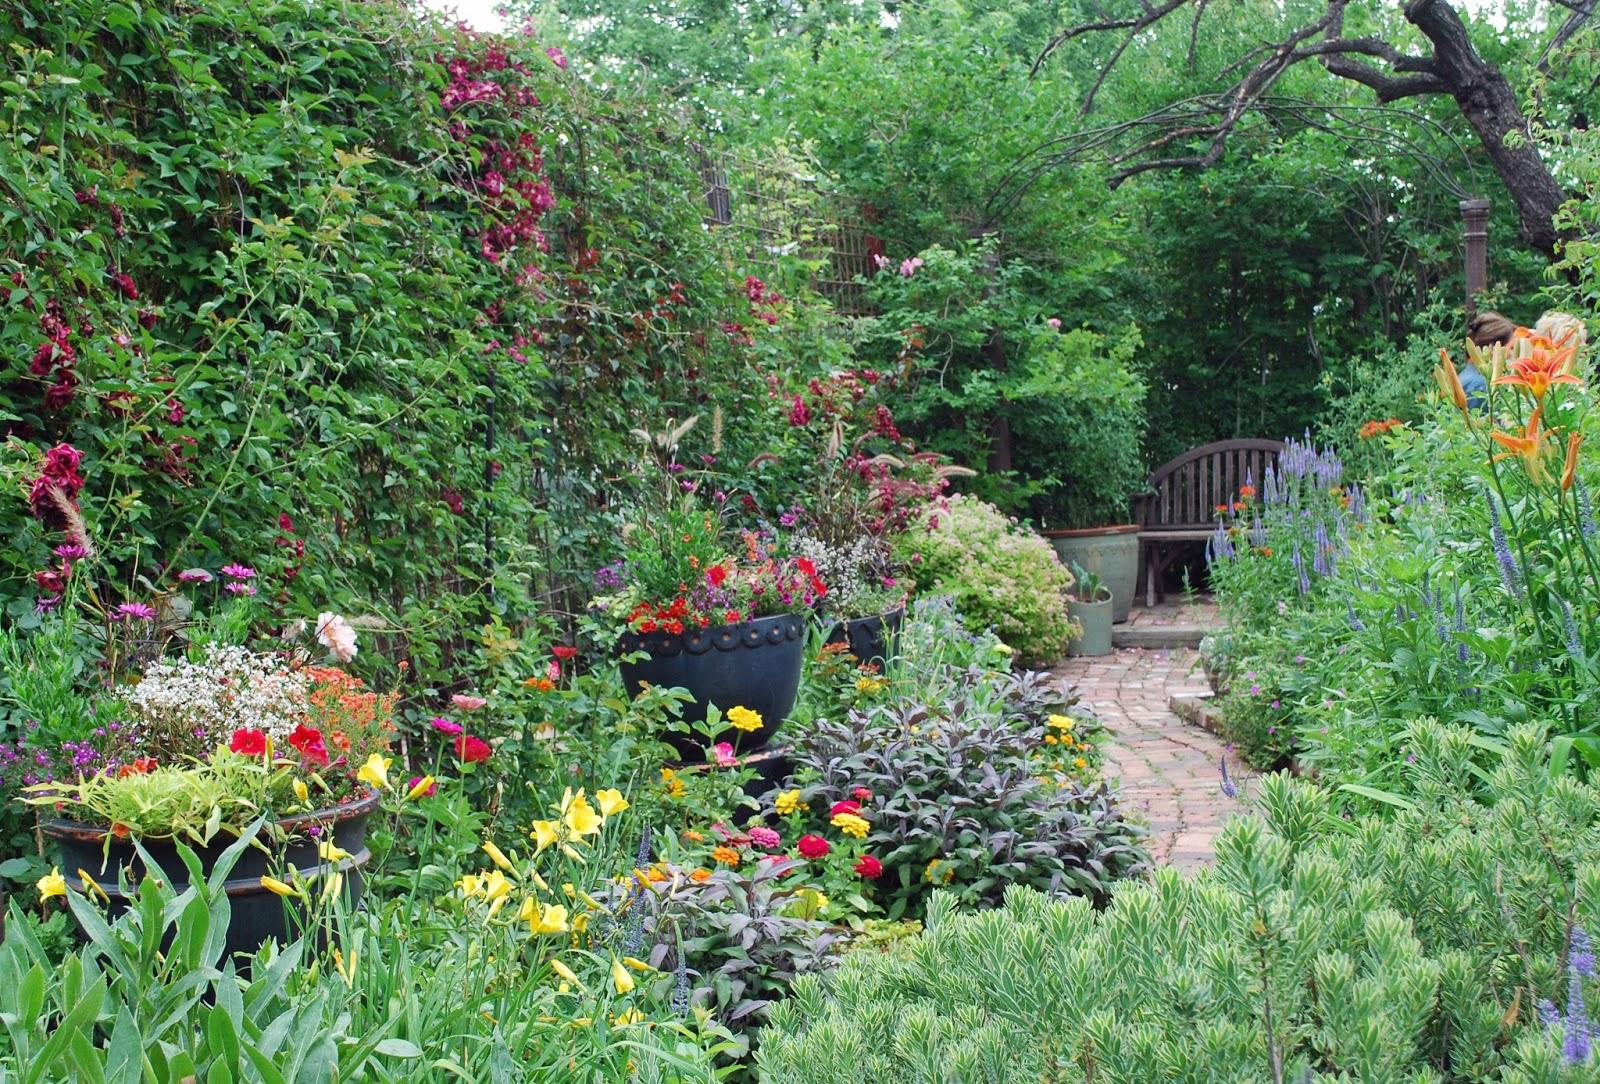 Enchanted Garden: The Art Garden: Garden Designers' Roundtable: Transitions